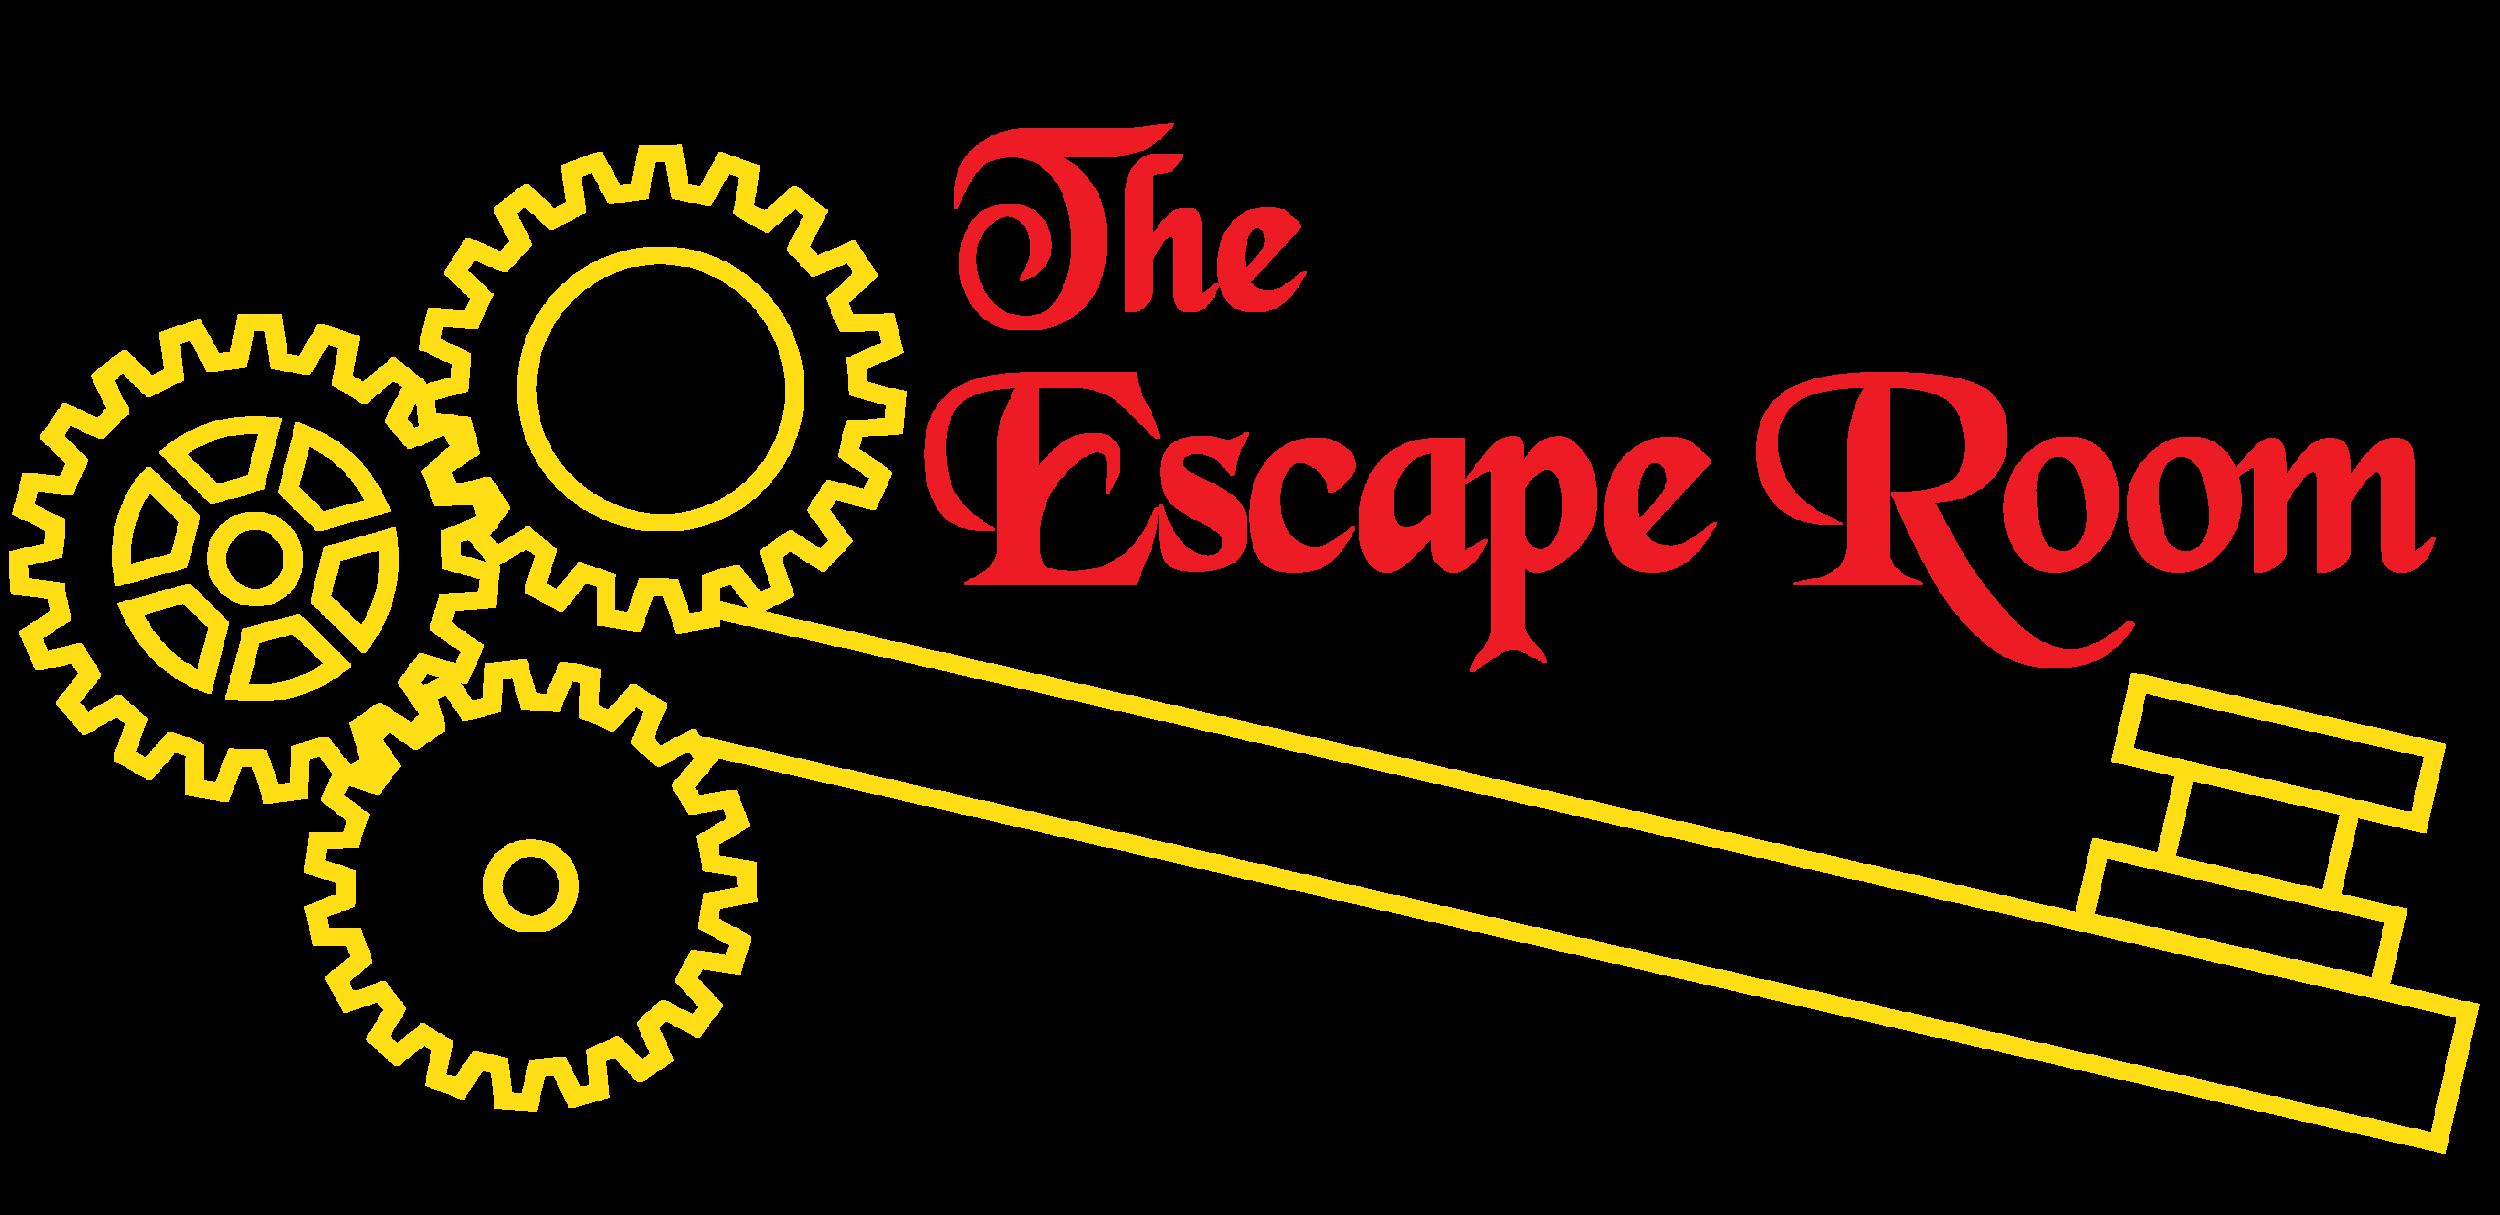 escaperoom_logo.png